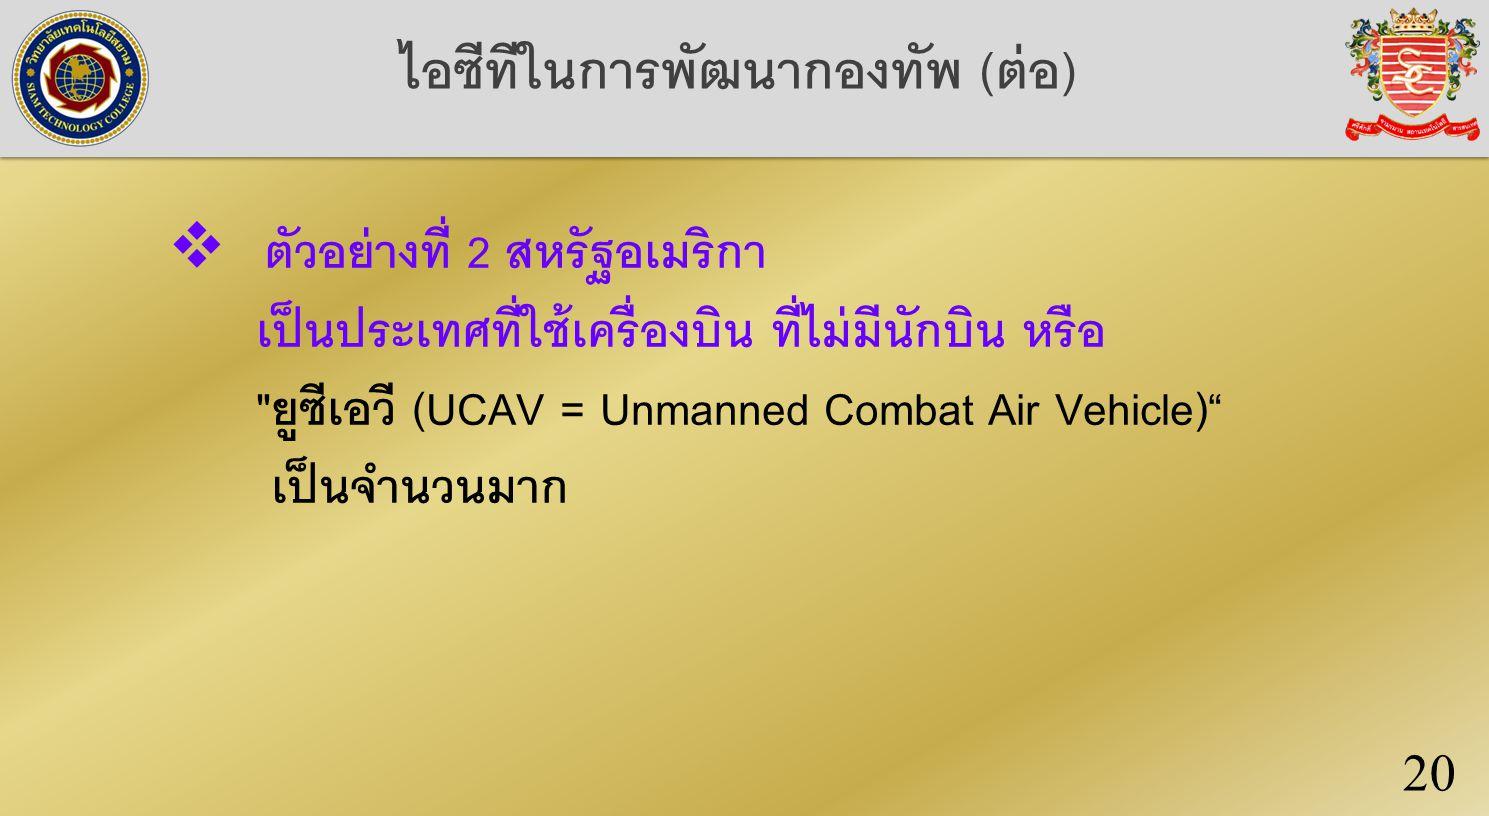  ตัวอย่างที่ 2 สหรัฐอเมริกา เป็นประเทศที่ใช้เครื่องบิน ที่ไม่มีนักบิน หรือ ยูซีเอวี (UCAV = Unmanned Combat Air Vehicle) เป็นจำนวนมาก 20 ไอซีทีในการพัฒนากองทัพ (ต่อ)